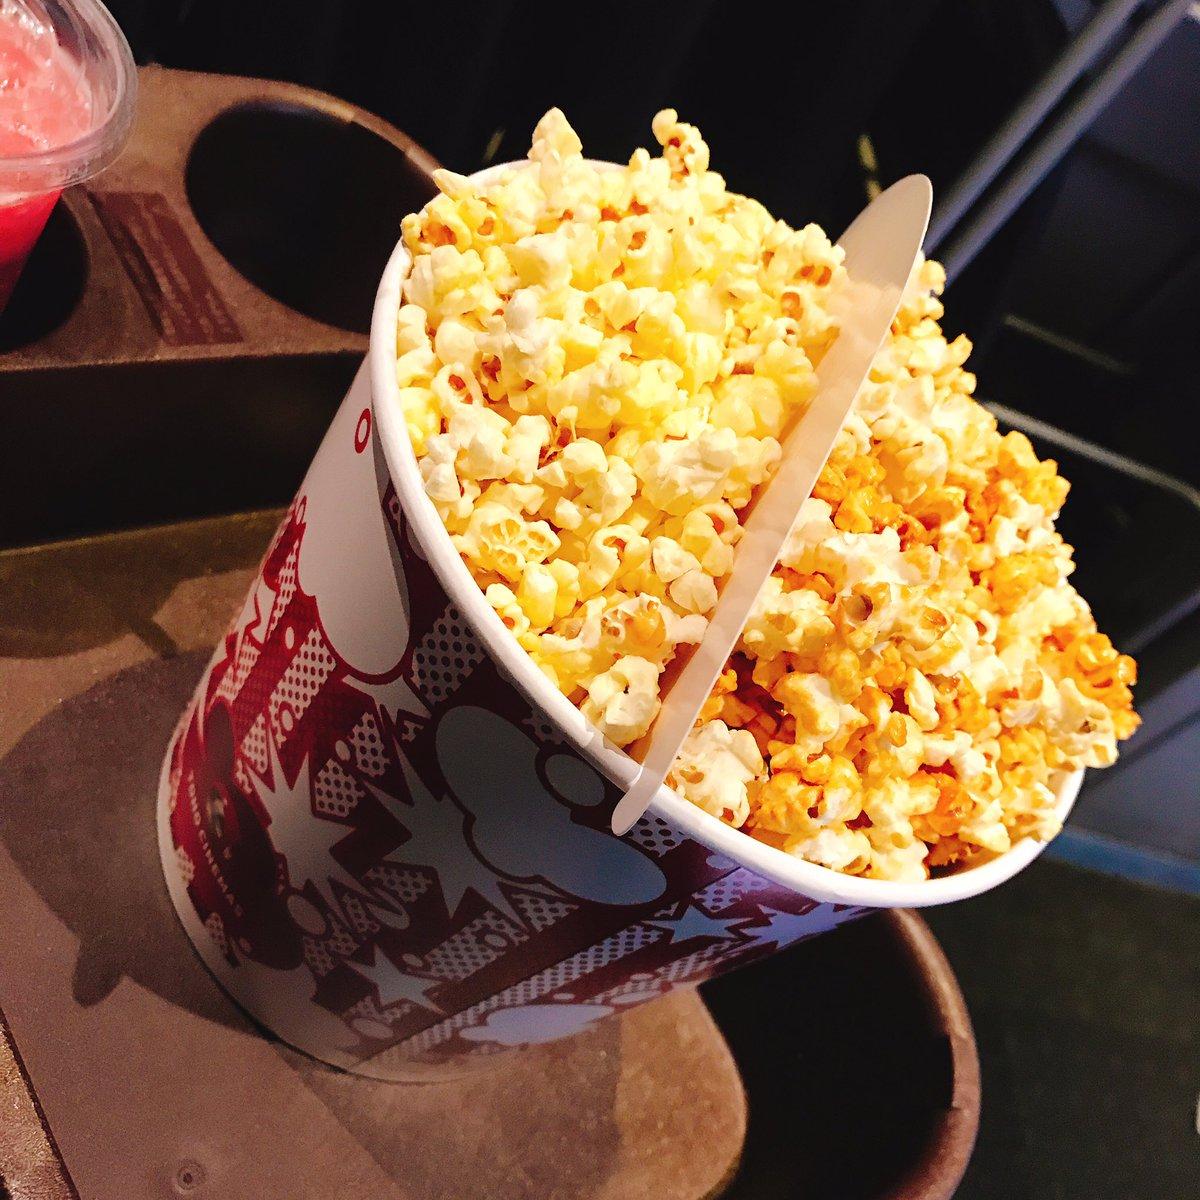 こんばんわん!今日はね、映画館に行き!『劇場版 ソードアート・オンライン -オーディナル・スケール-』を見てきました(o